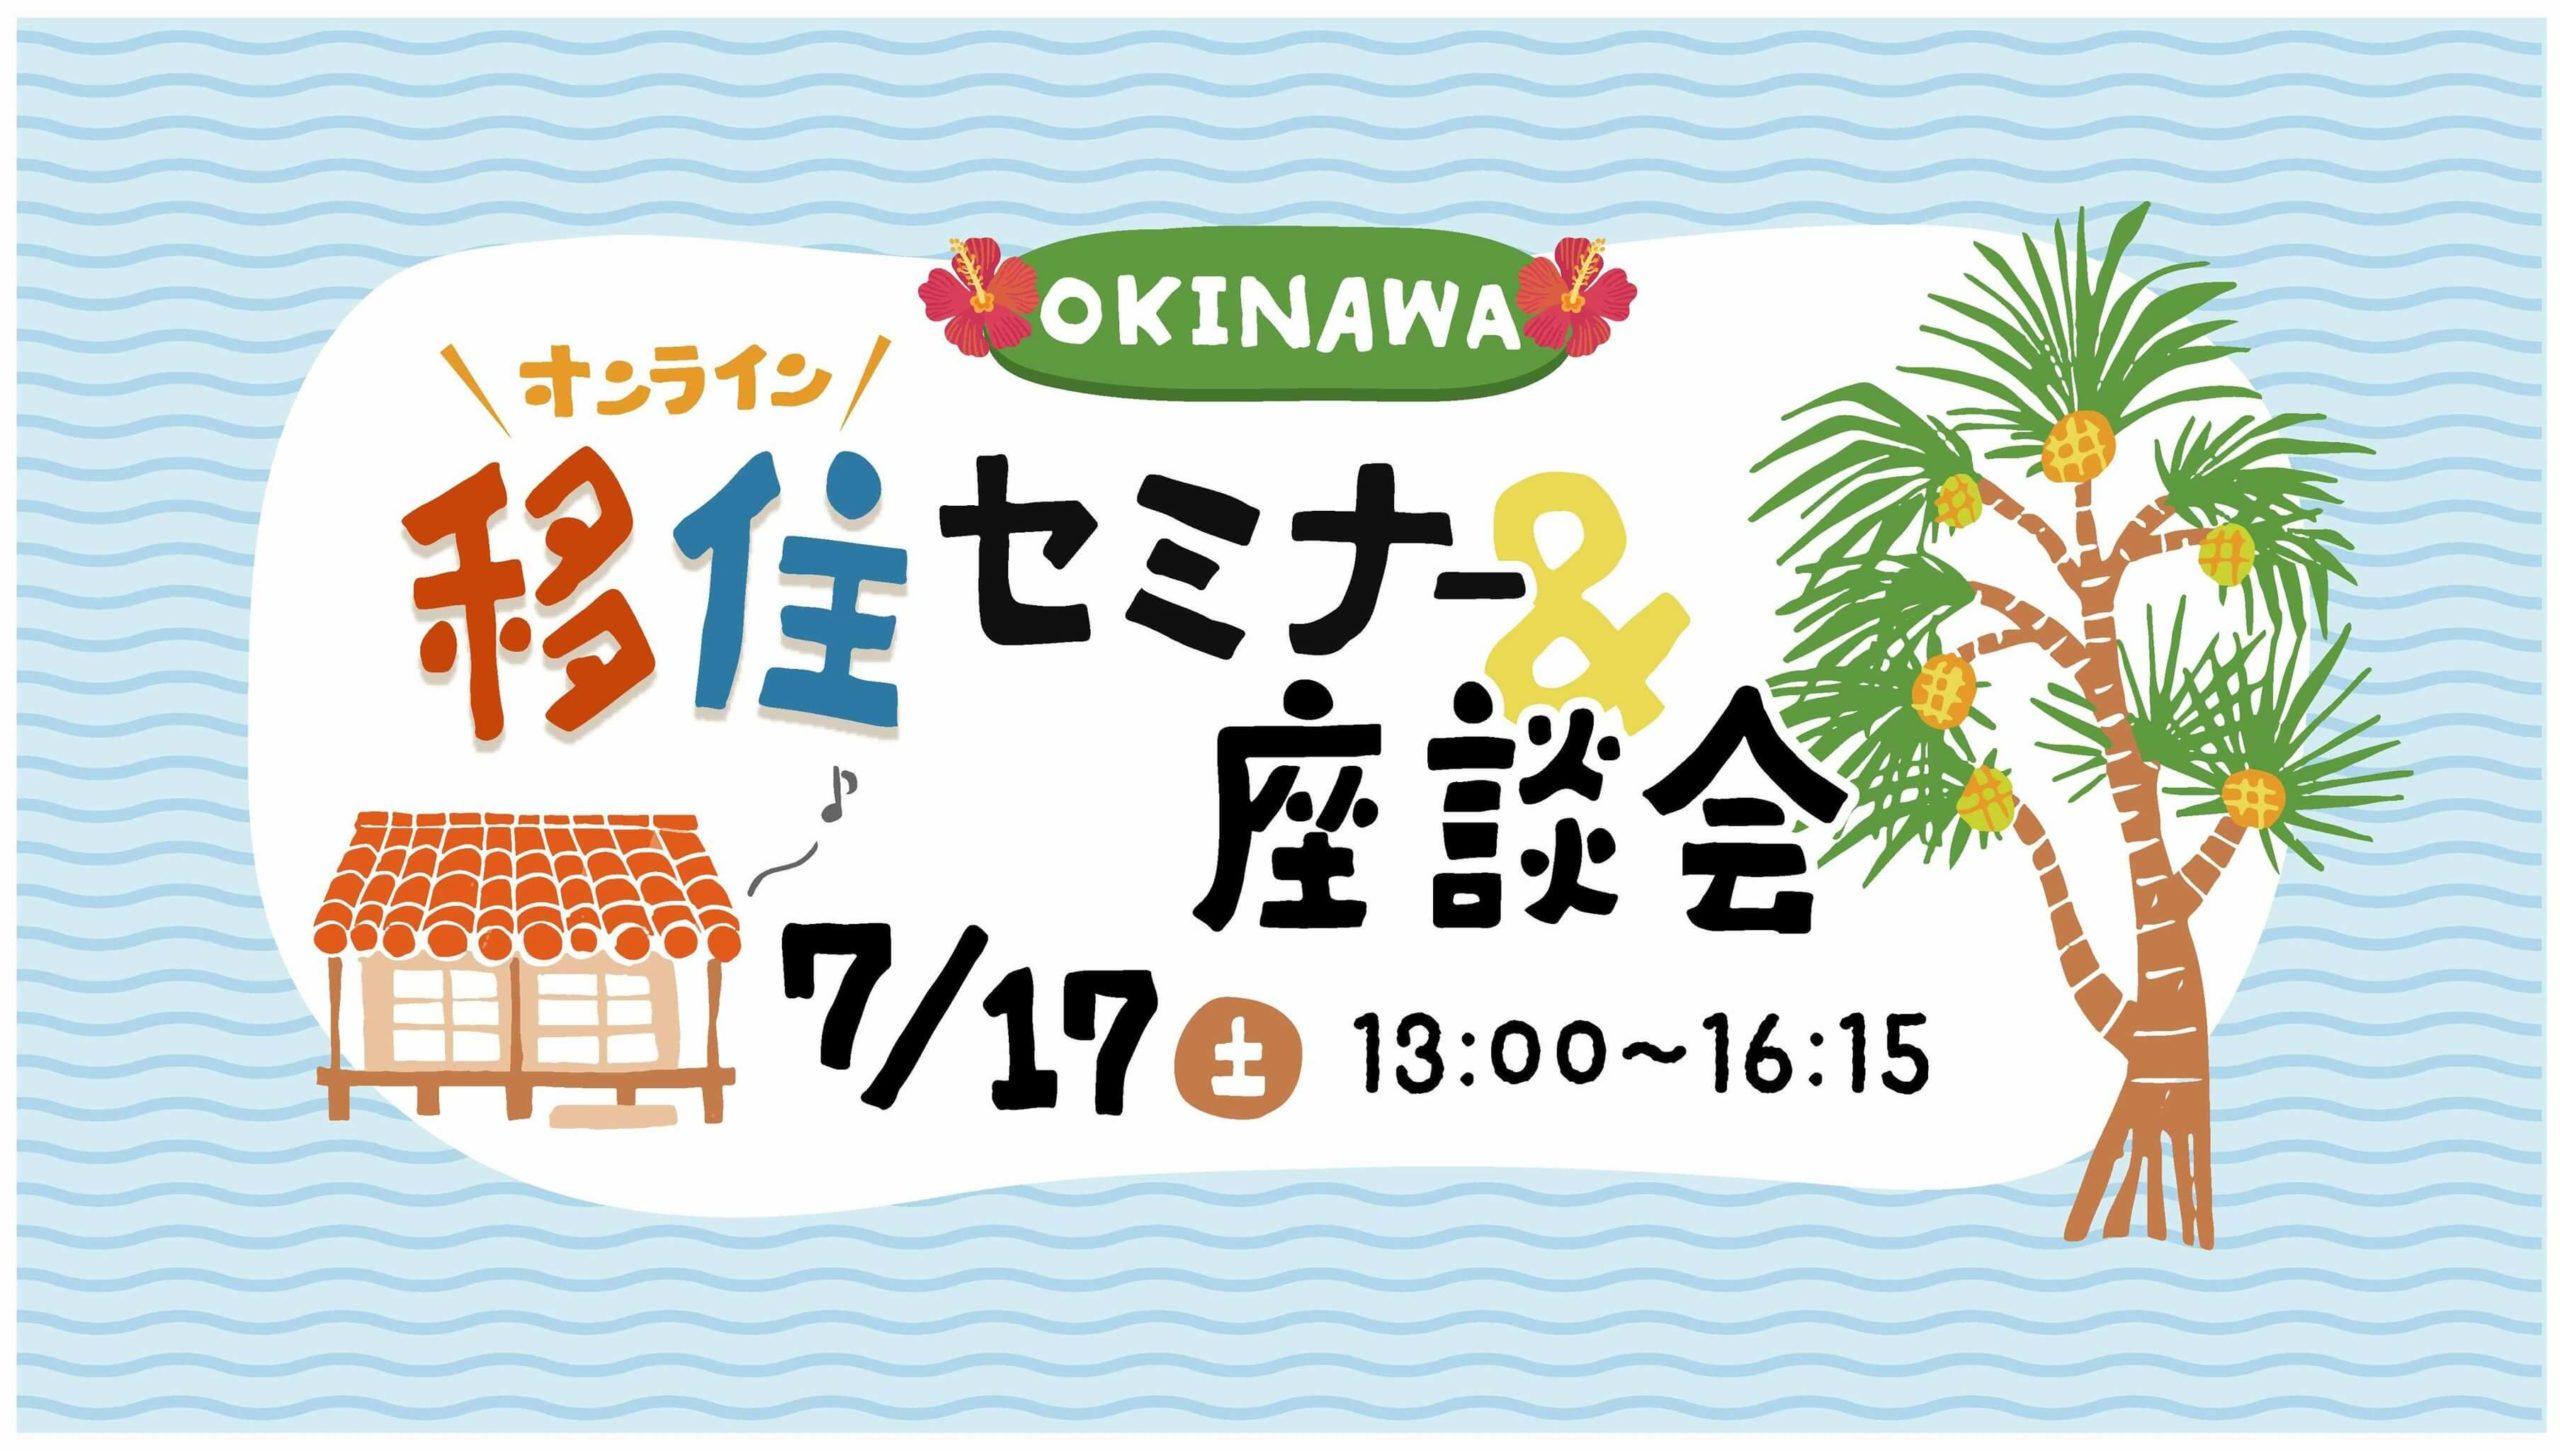 【受付終了】7月17日(土)に追加開催!沖縄オンライン移住セミナー&座談会